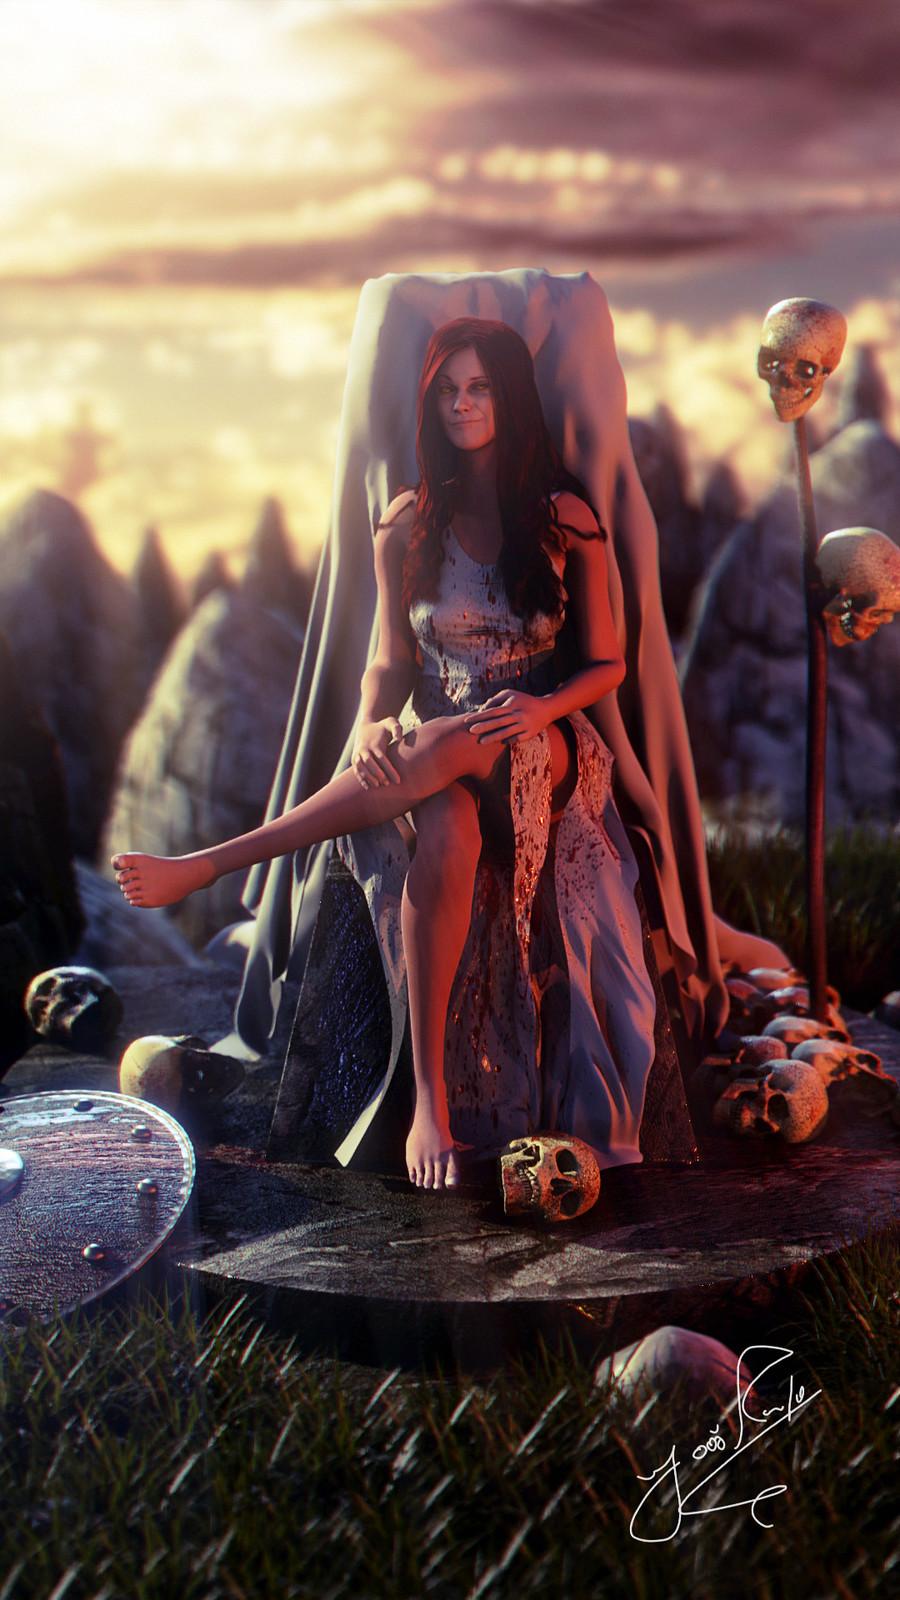 Katherine - The vampire queen.